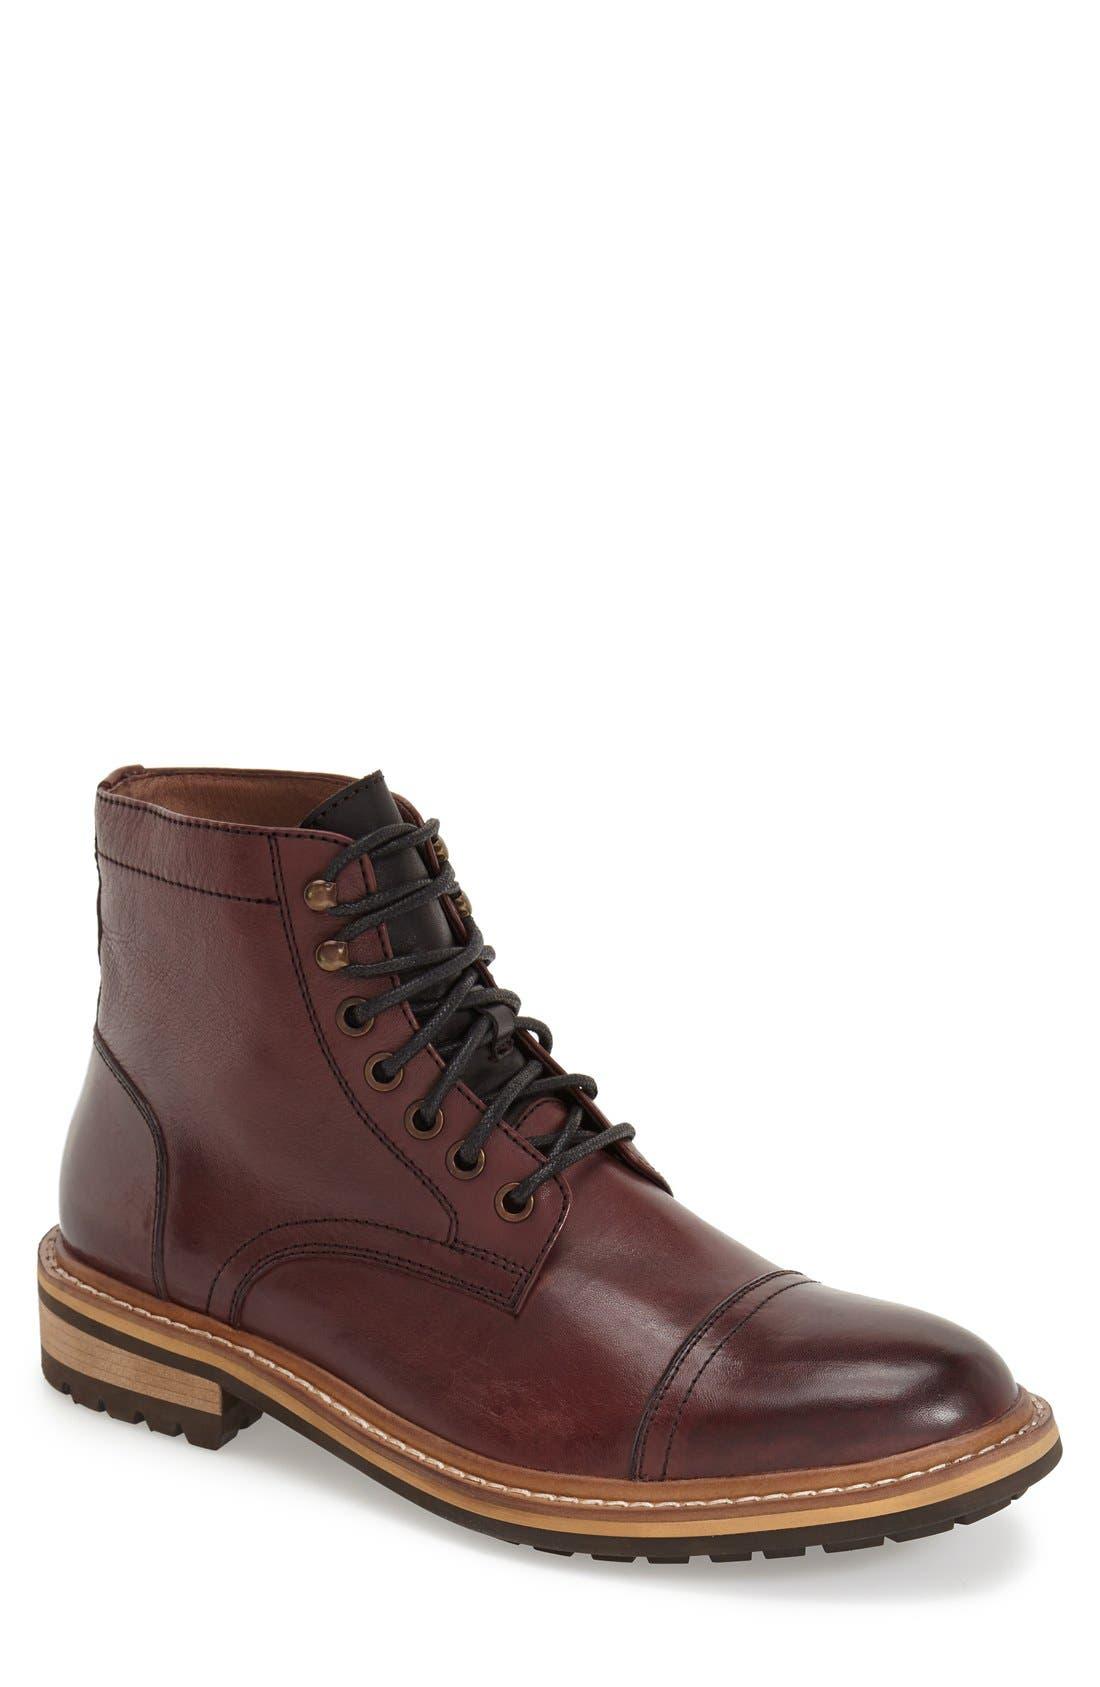 Alternate Image 1 Selected - 1901 Collins Cap Toe Boot (Men)